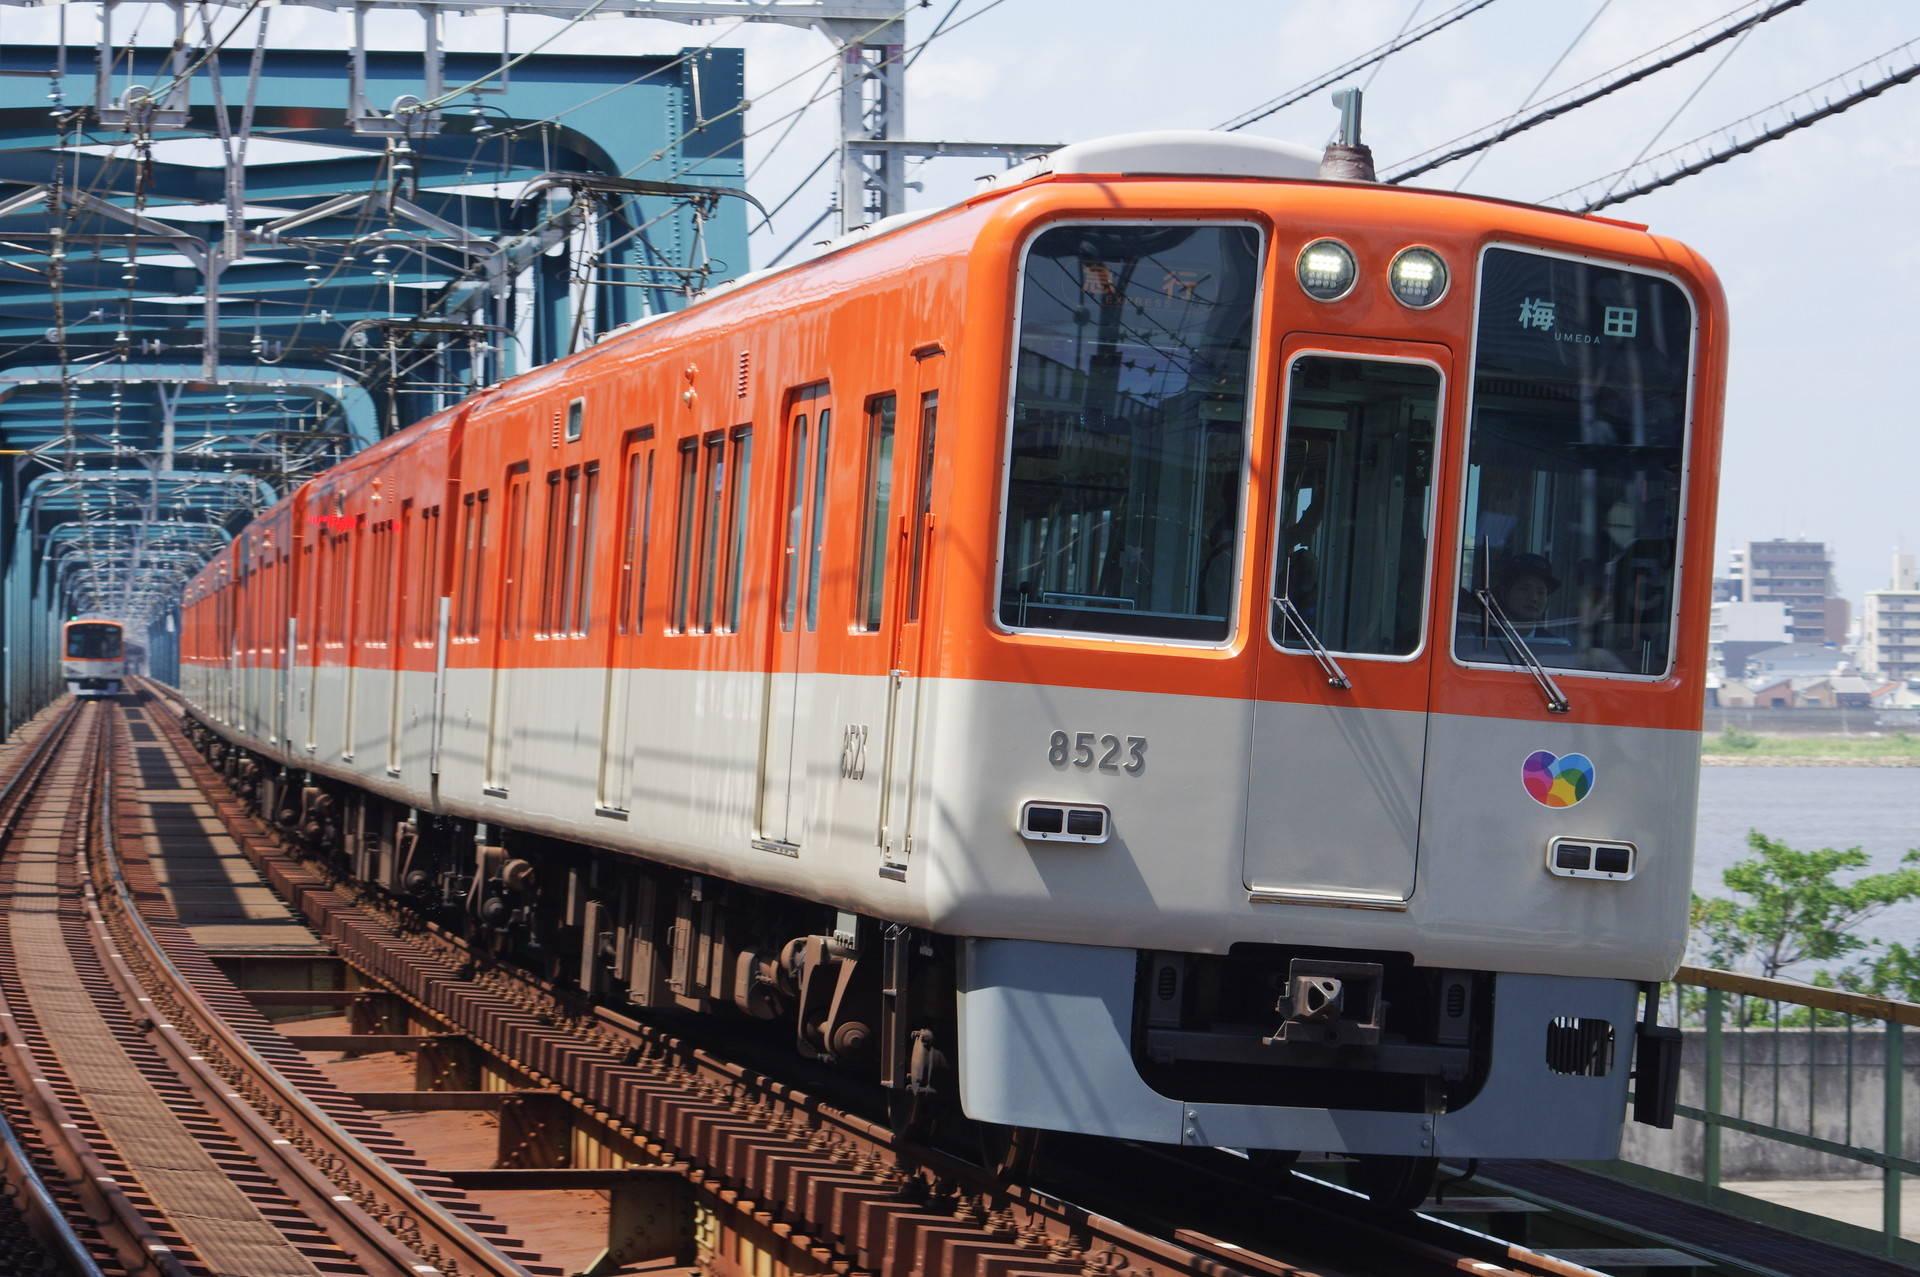 阪神 8000系8523編成